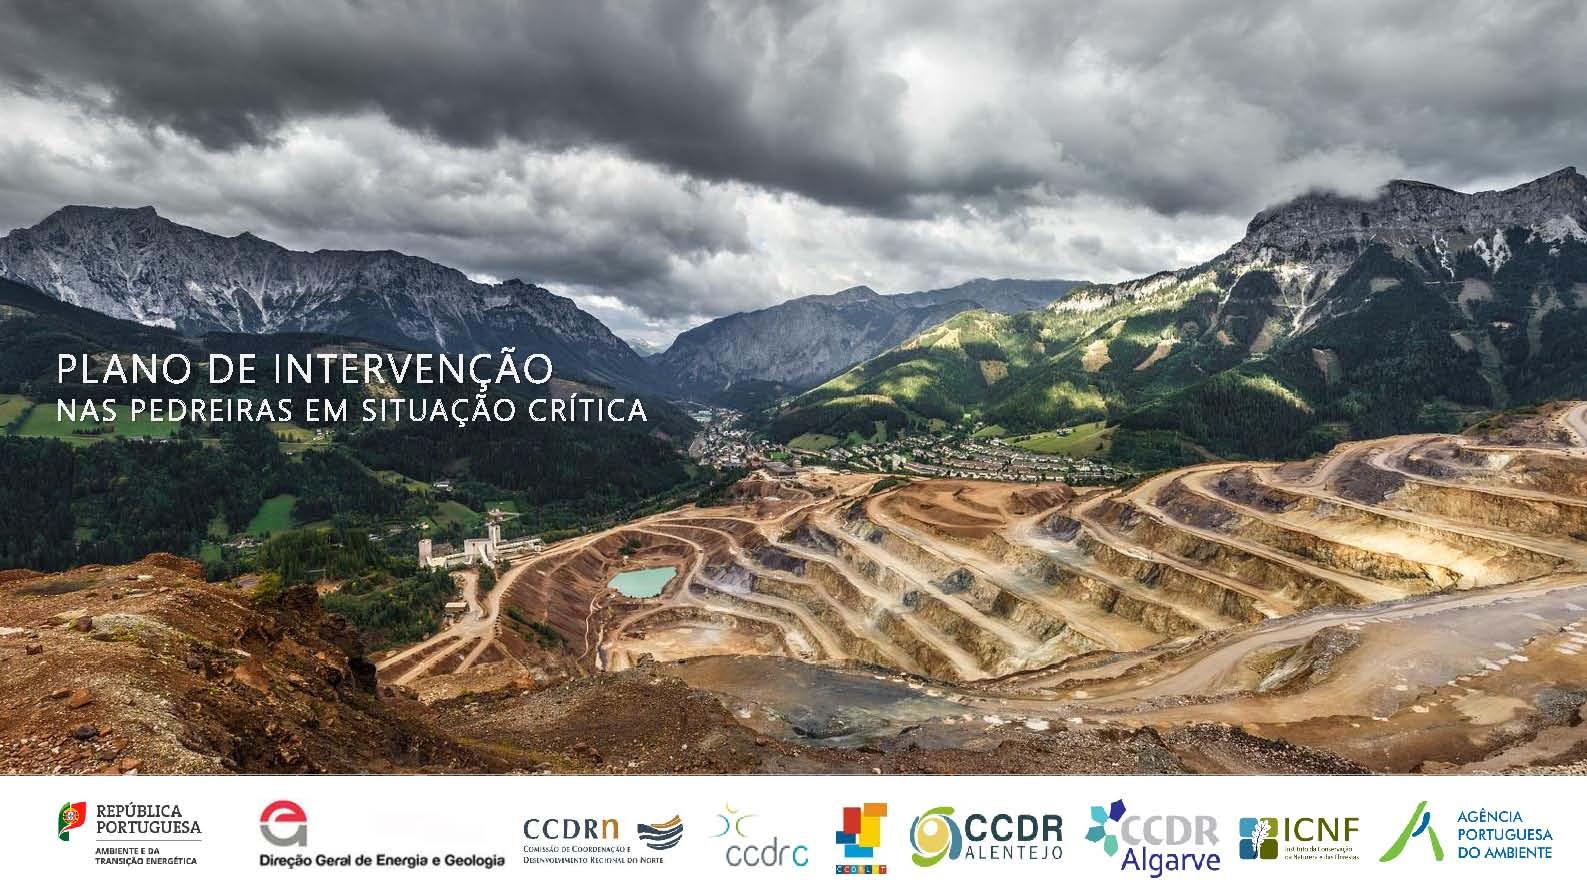 - Plano de Intervenção nas Pedreiras em Situação Crítica (RCM)